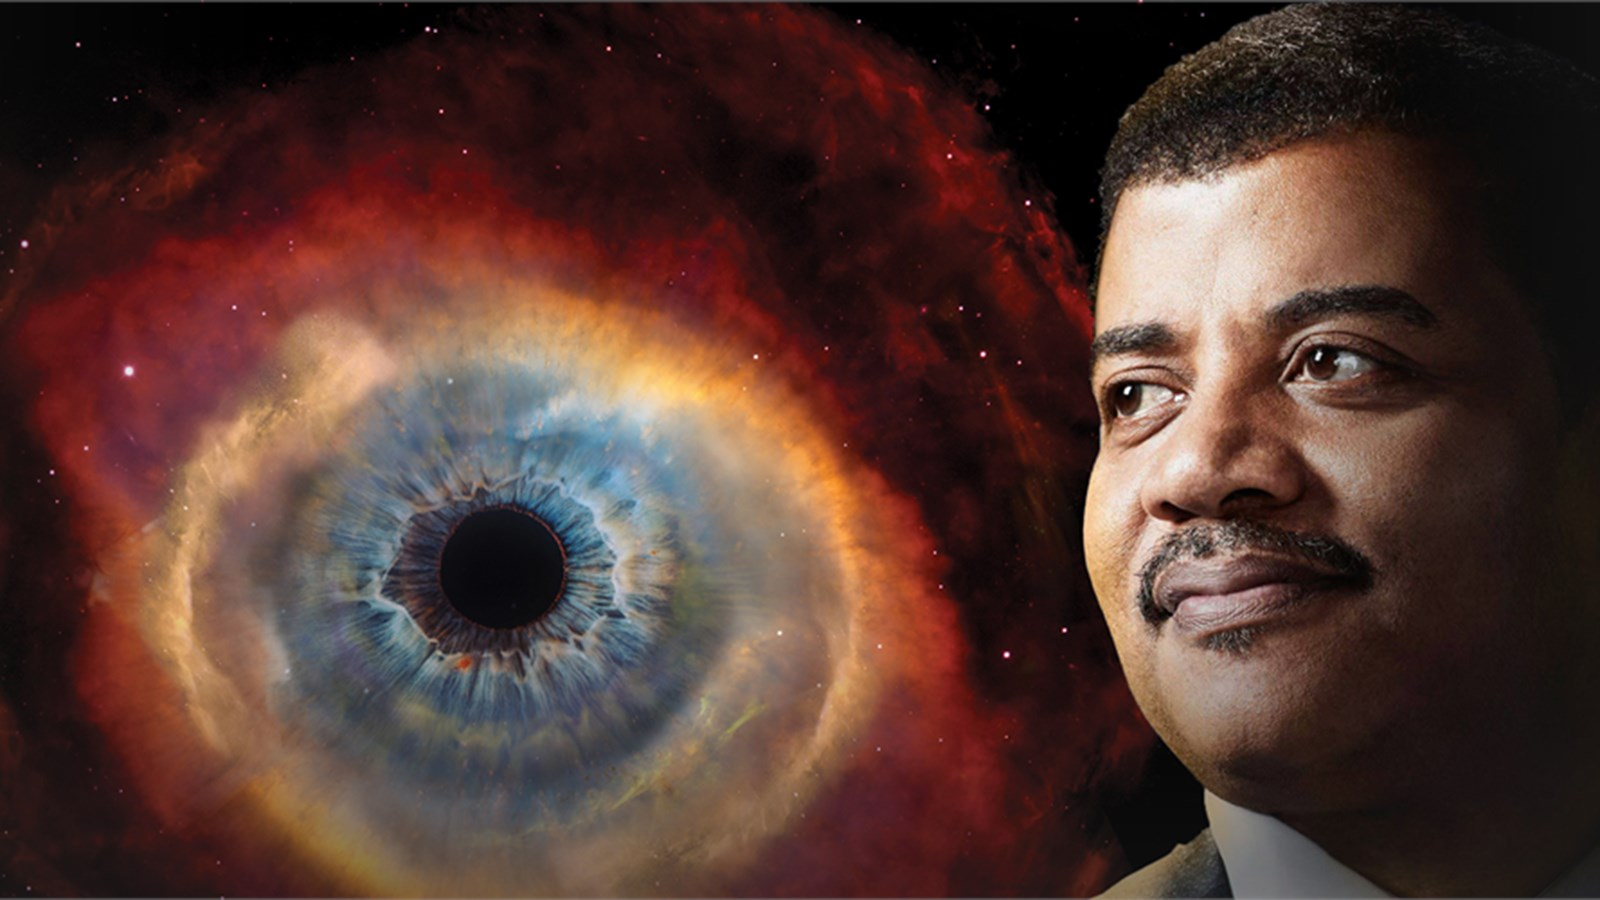 Neil deGrasse Tyson v seriji Kozmos: Odisejada skozi prostor in čas